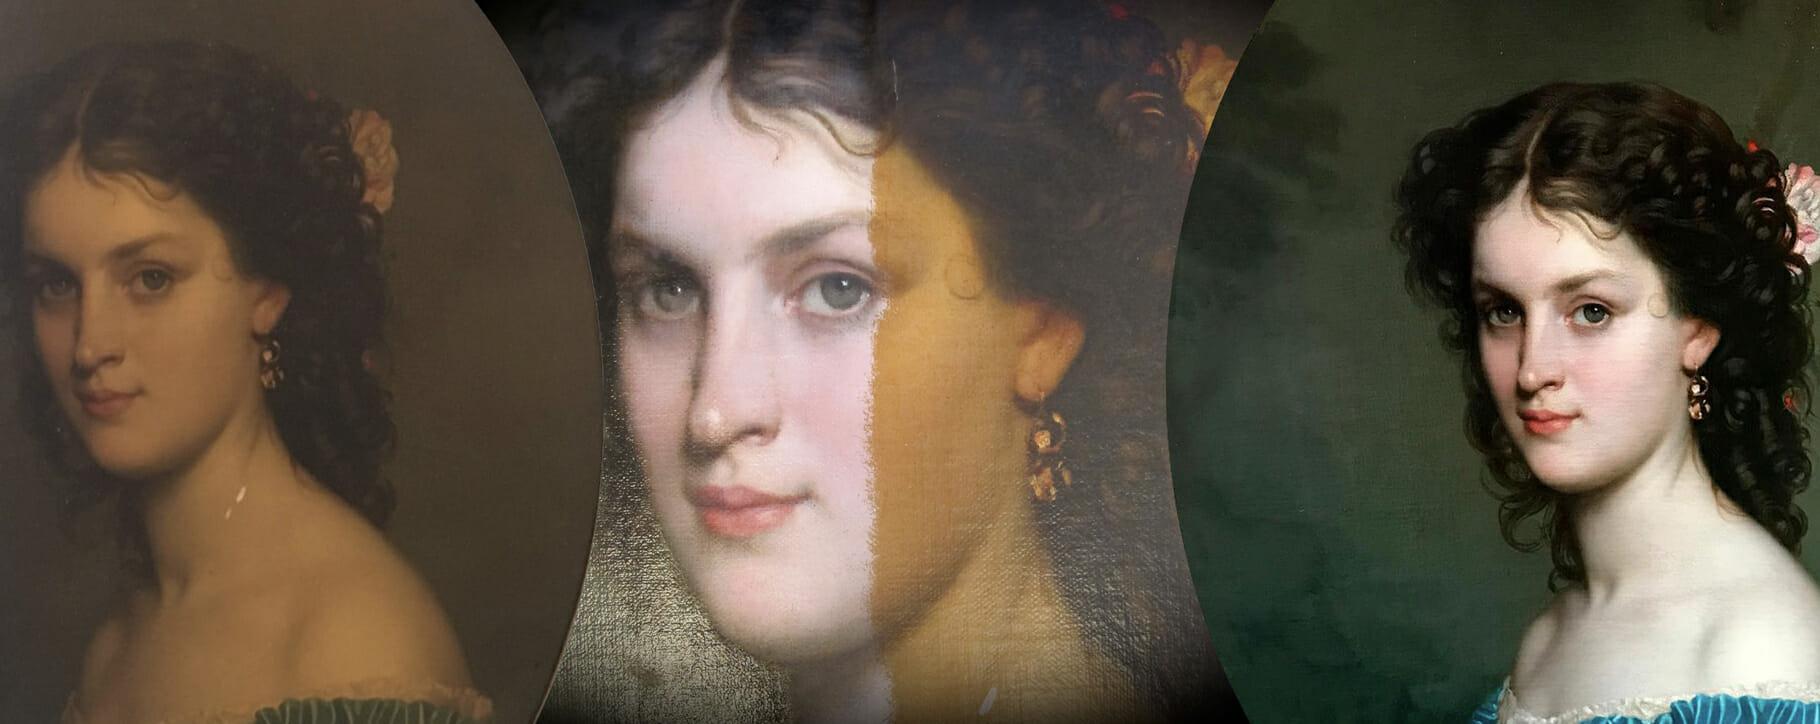 Smoke Nicotine Damage Victorian Portrait